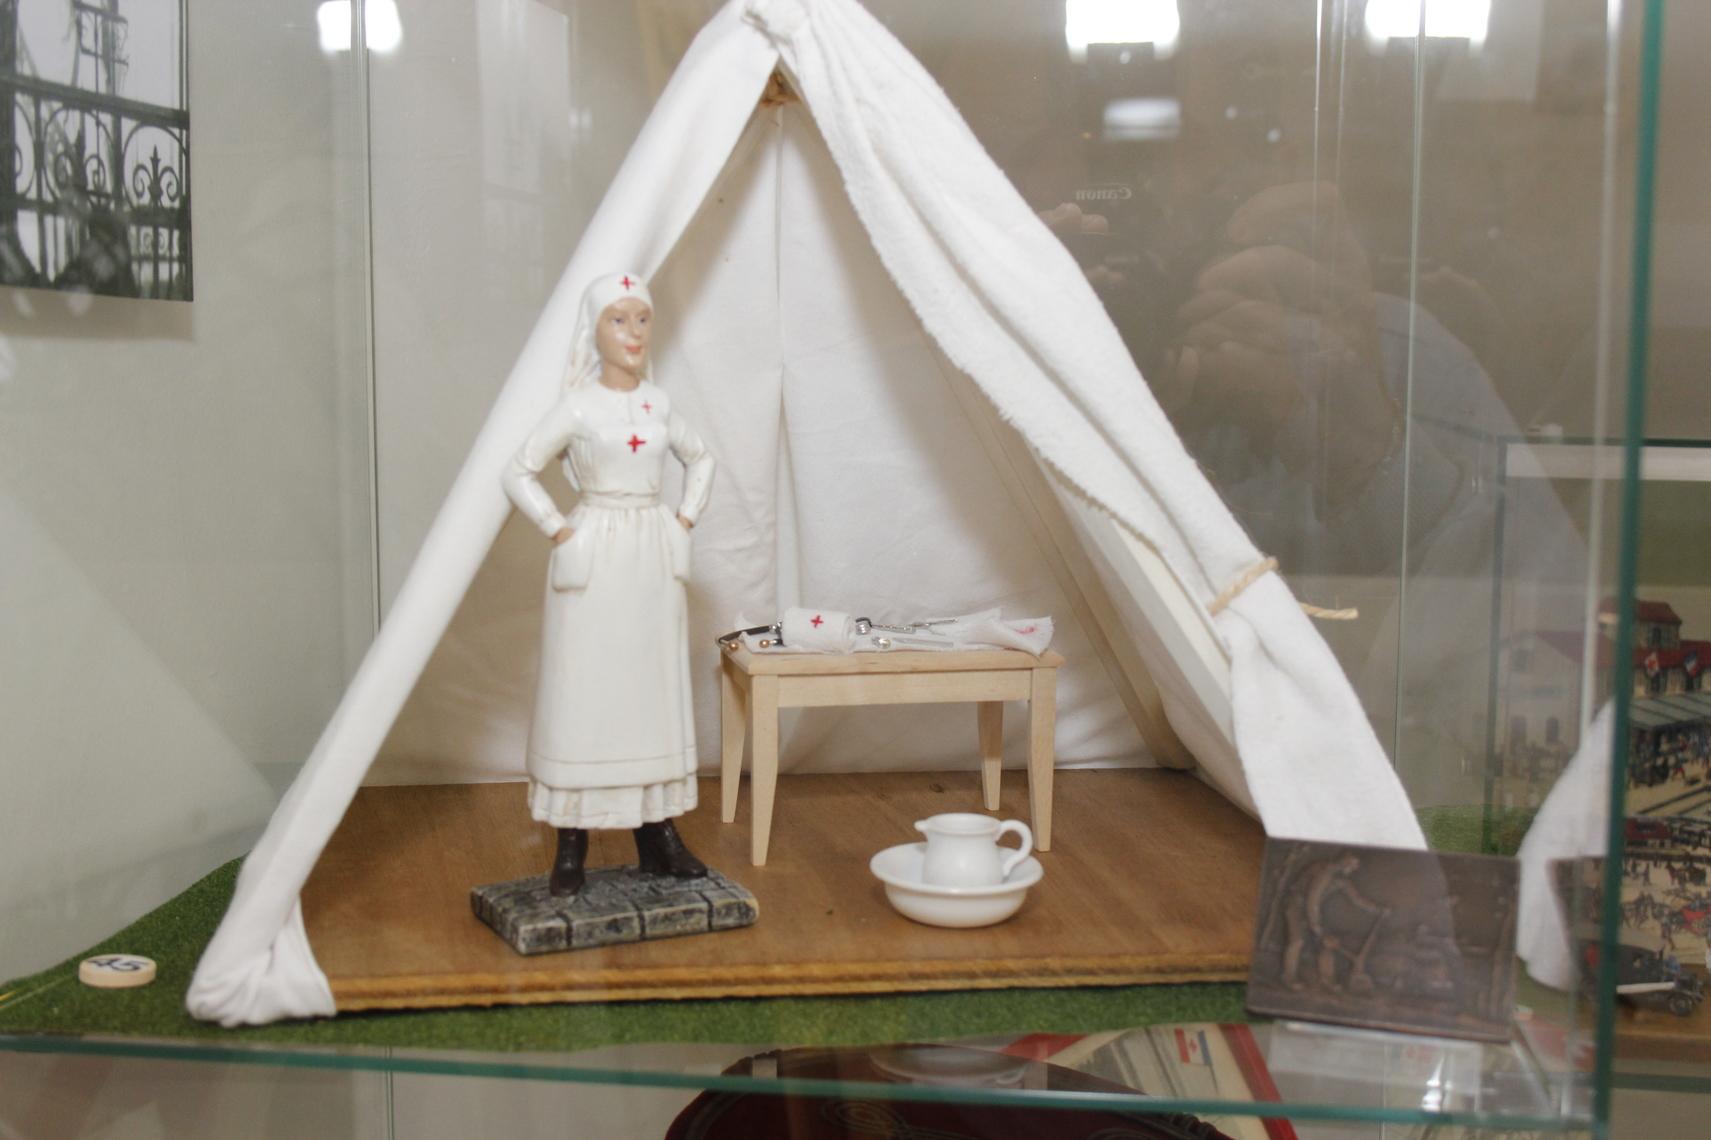 Une infirmière de la Croix Rouge. De nombreuses femmes se sont dévouées pour porter secours et assistance aux innombrables blessés. C'est le cas de Clémence Brunet d'Albens, infirmière major qui traversa la Grande Guerre au service des malades et des blessés.